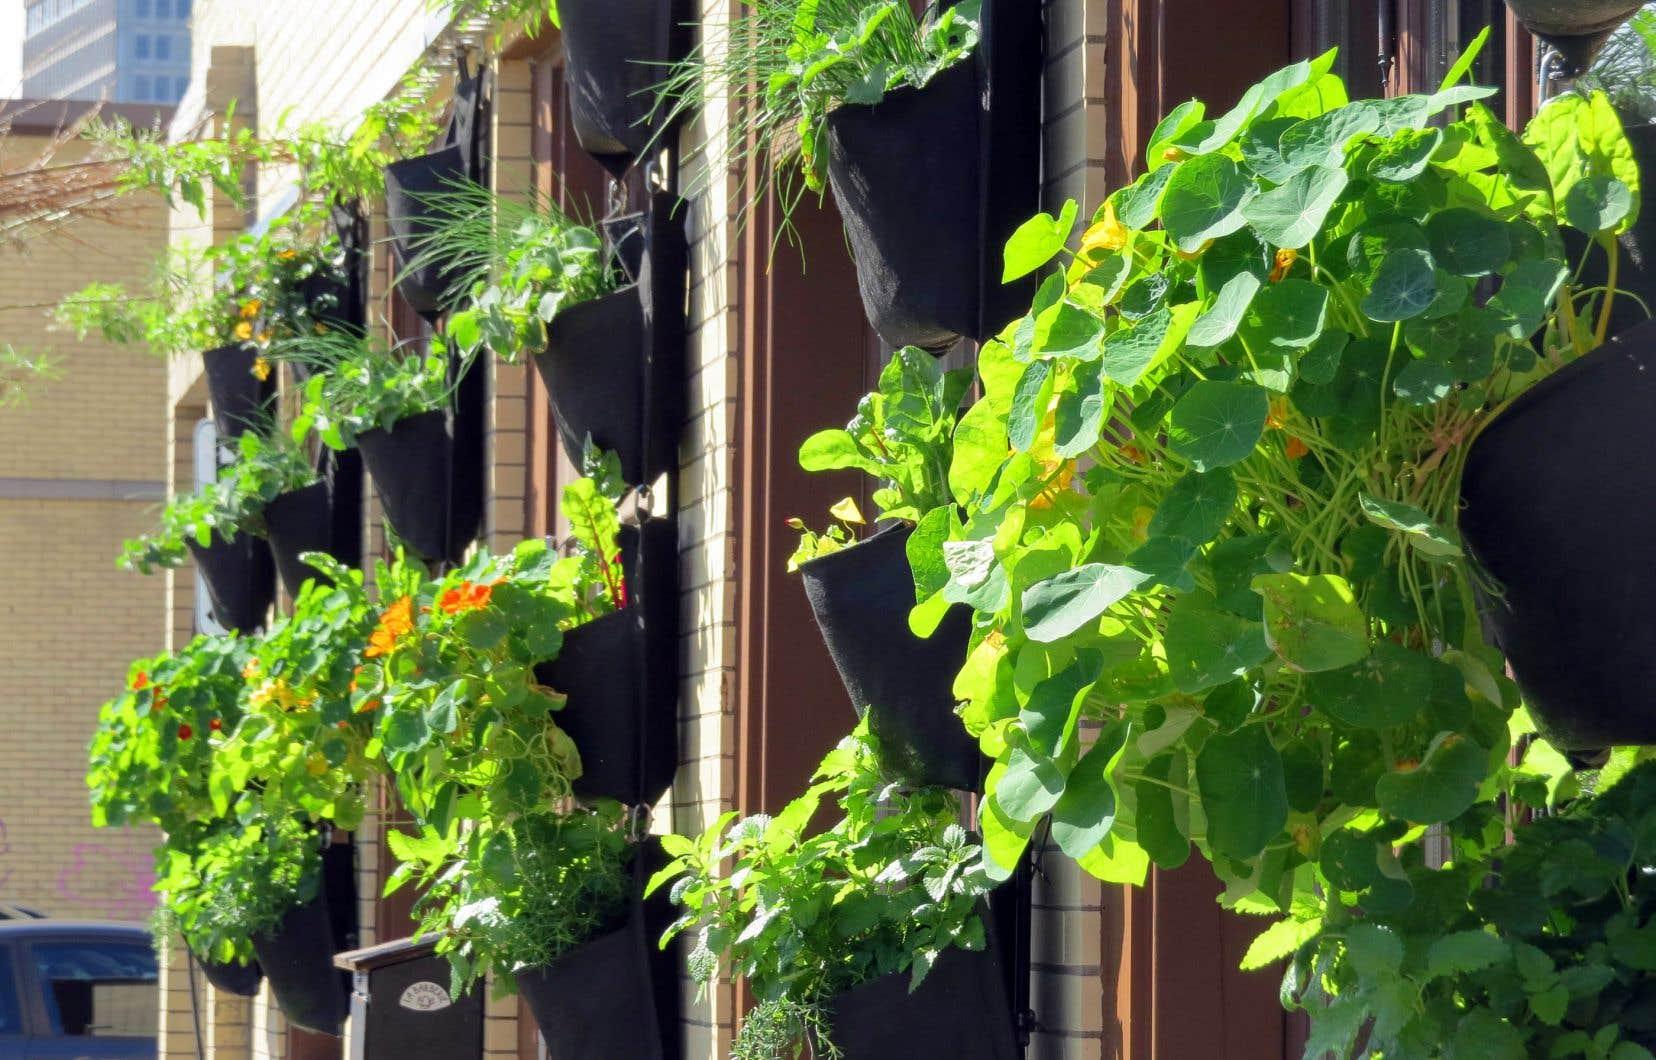 De nombreuses plantes se cultivent à la verticale. Toutefois, certaines s'y prêtent mieux que d'autres.